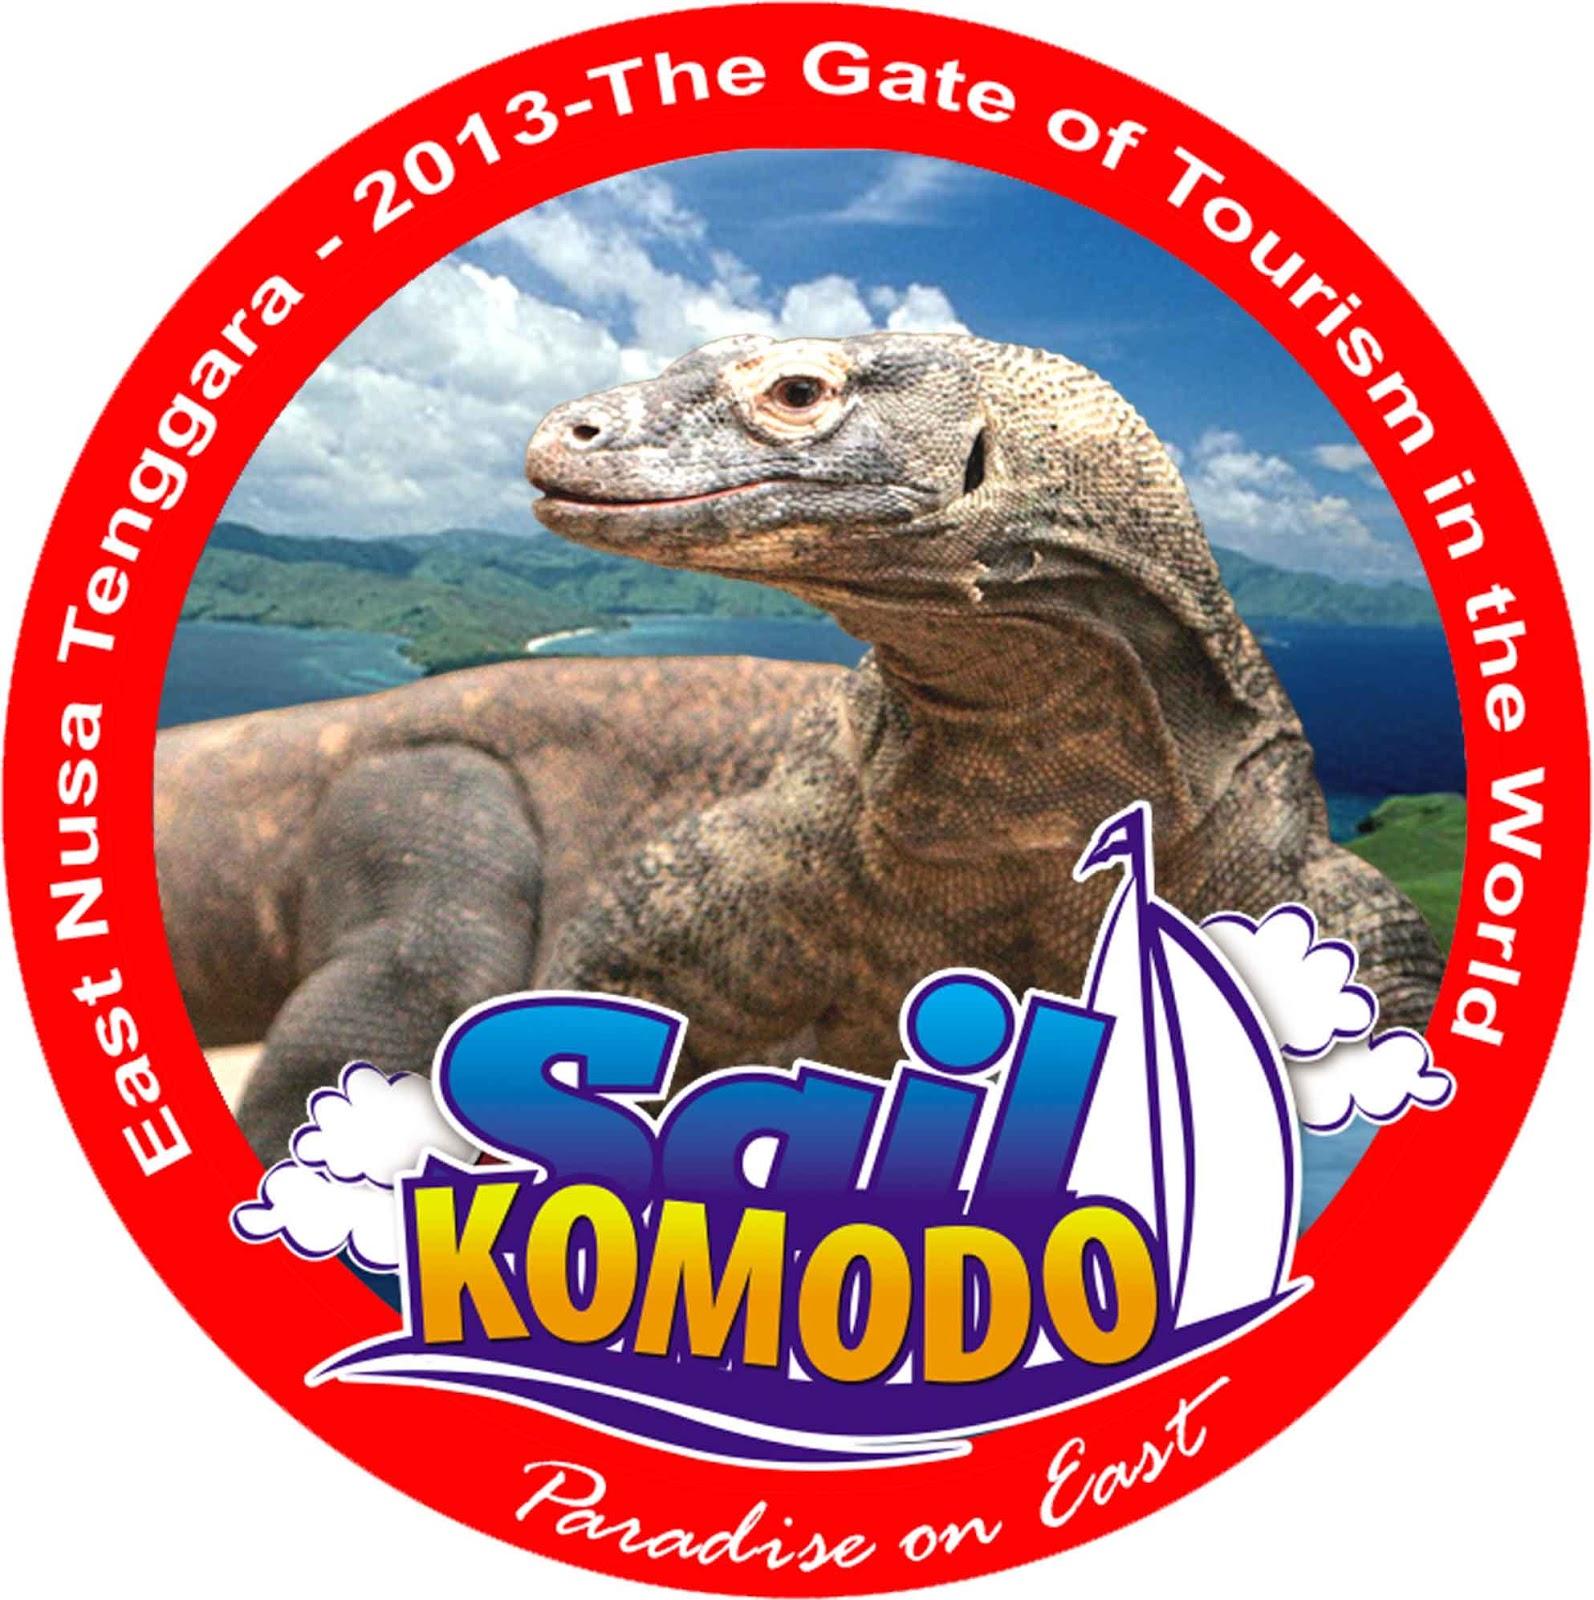 Logo+Sail+Komodo+2013.